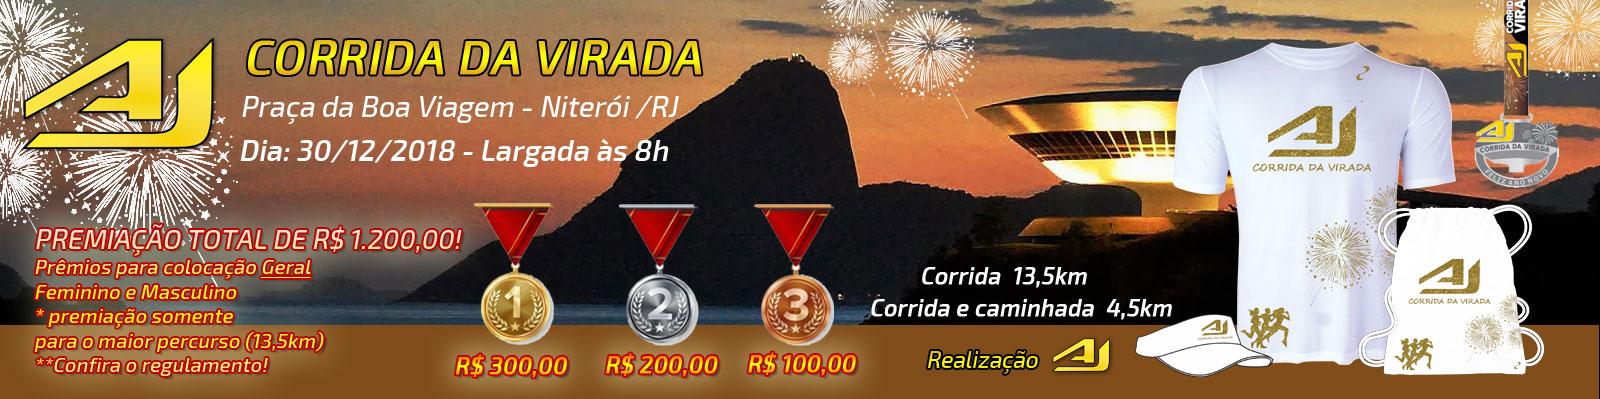 AJ CORRIDA DA VIRADA 1º EDIÇÃO - NITERÓI RJ - Imagem de topo